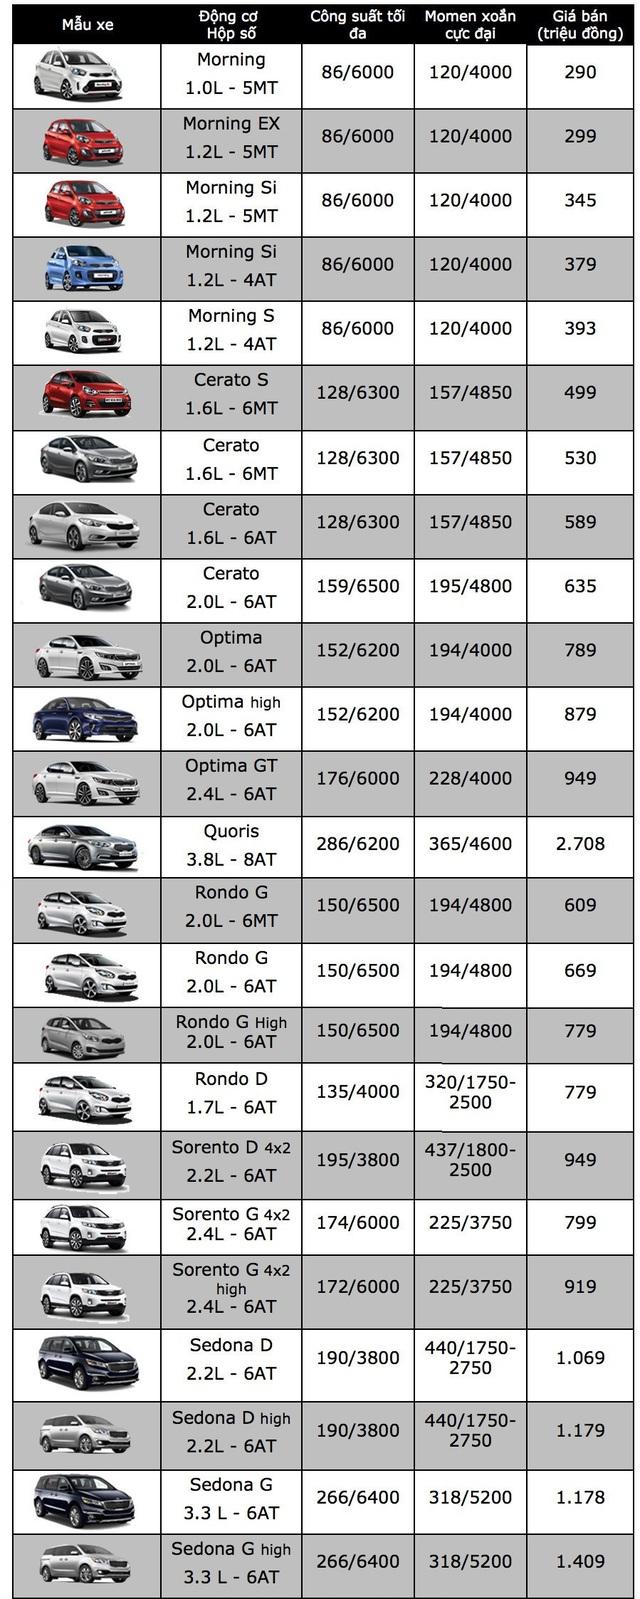 Nhiều thay đổi với xe BMW tại Việt Nam, KIA Rondo giảm giá - 2